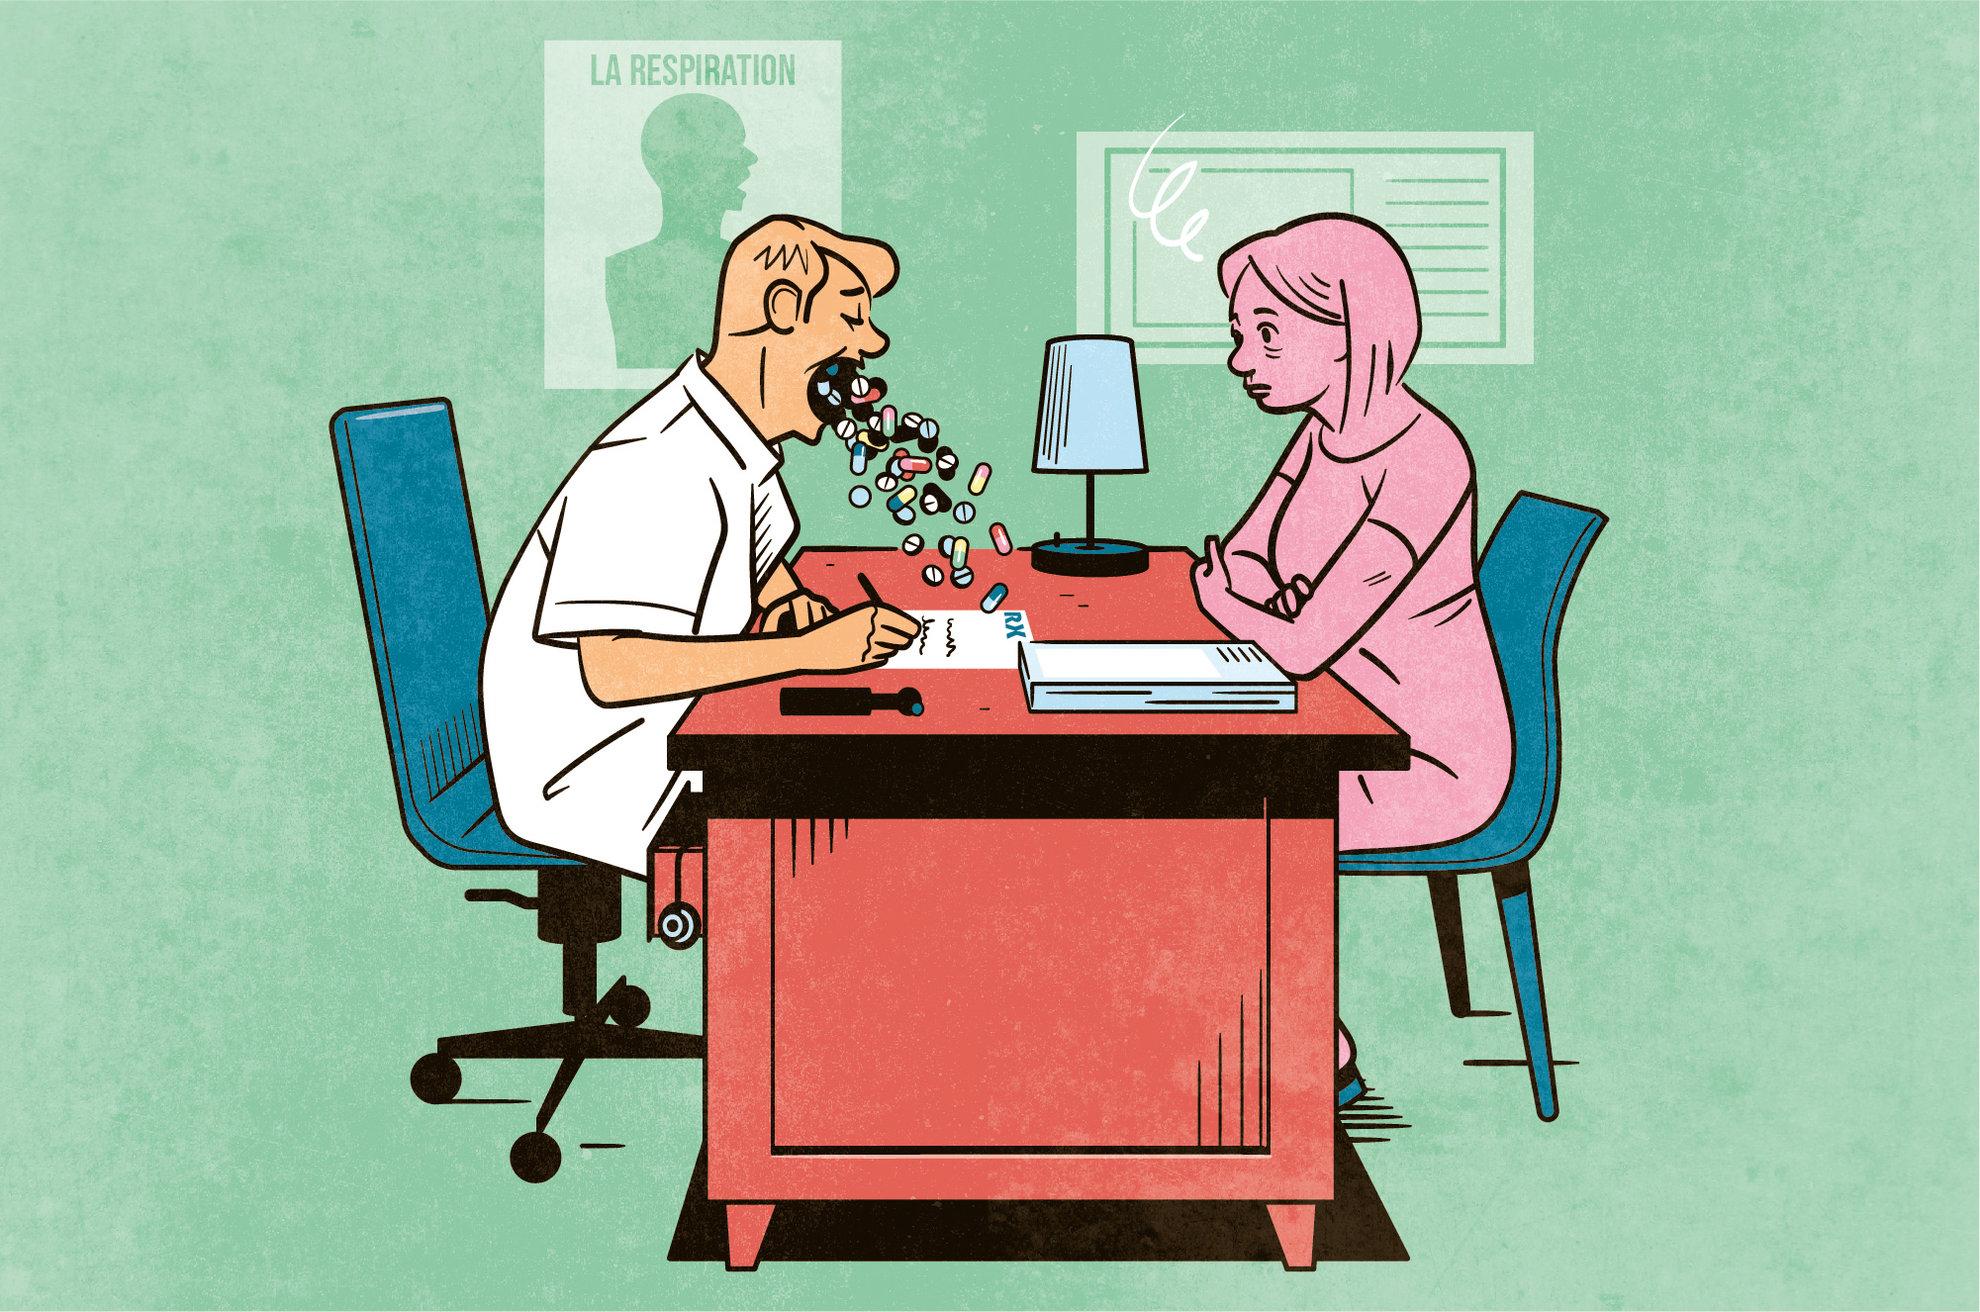 Médor :: Les pharmas vont ruiner l'assurance maladie